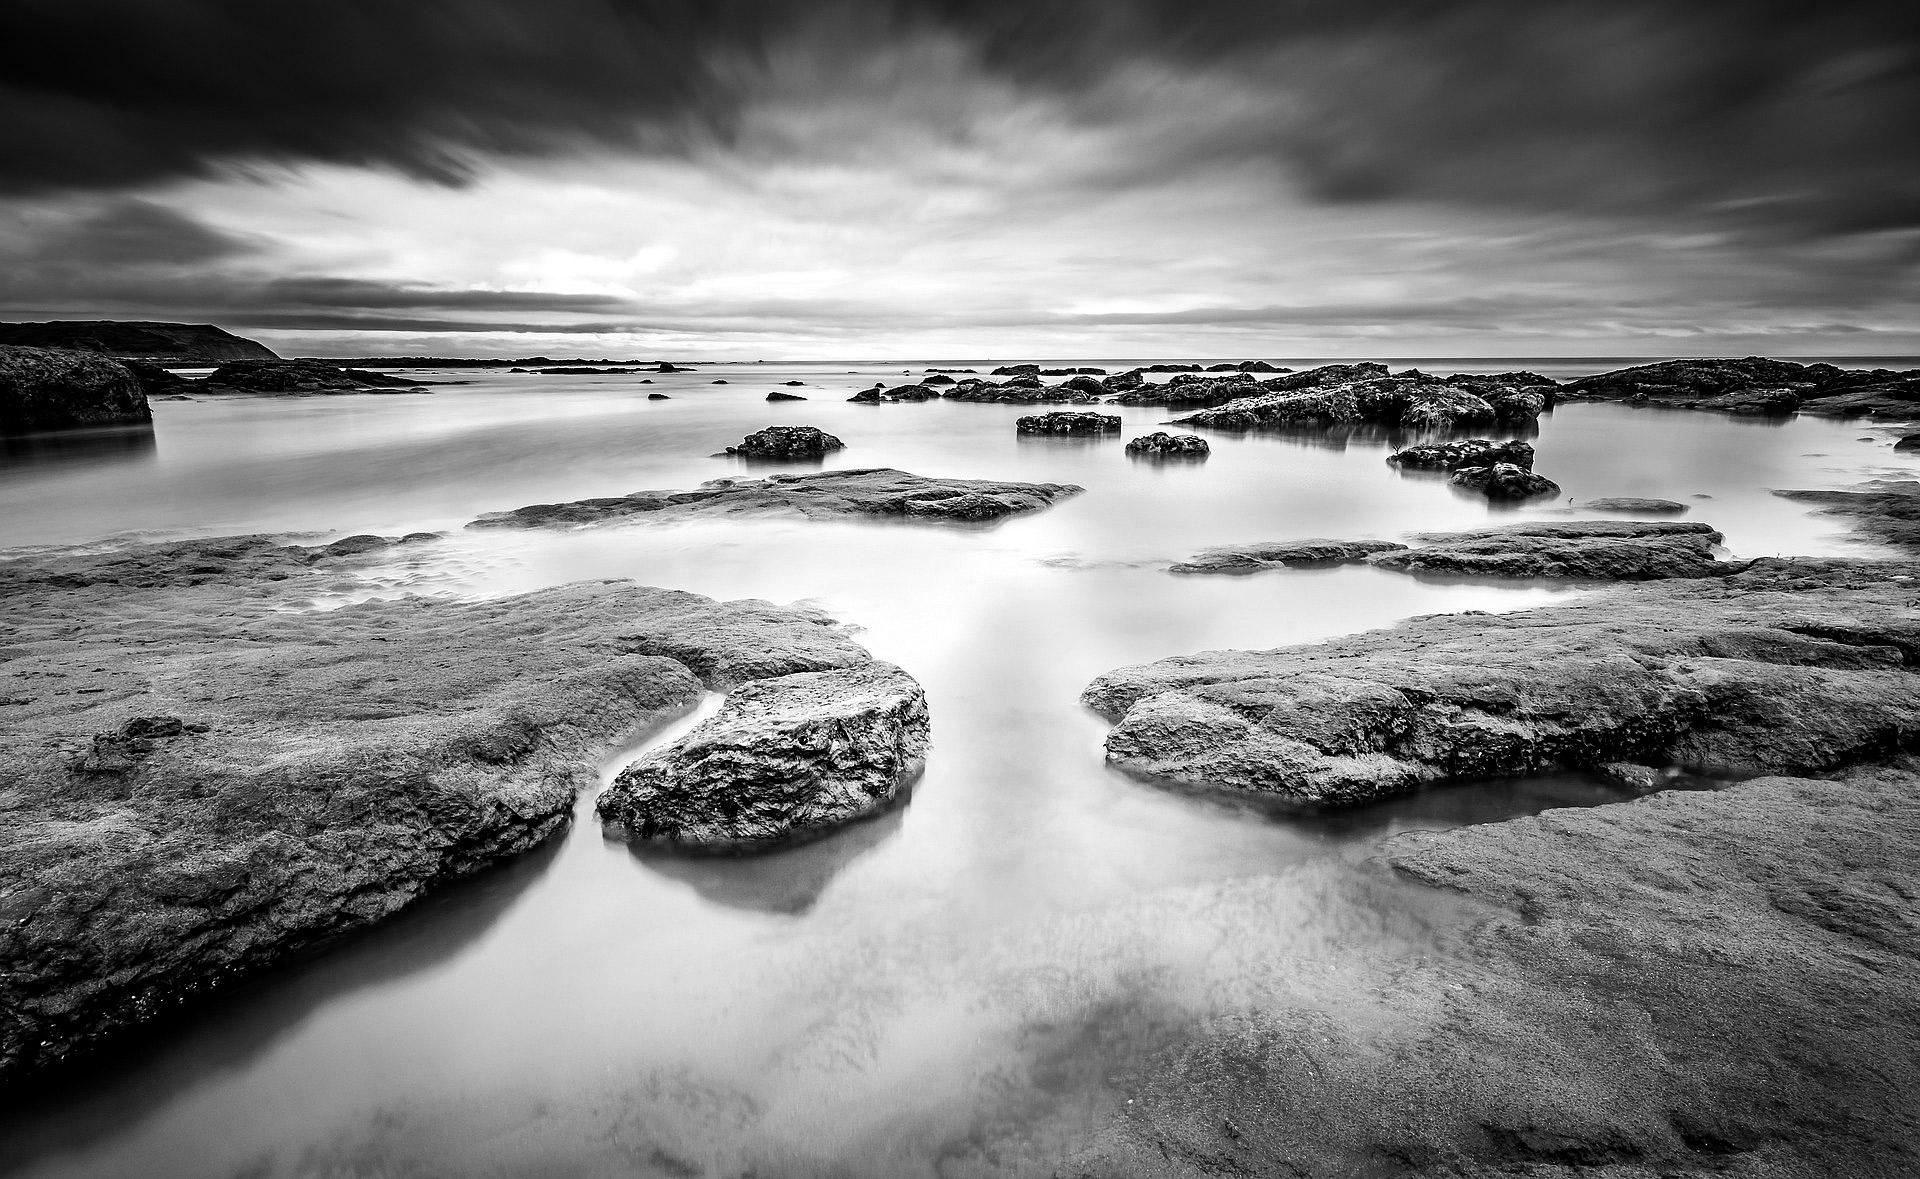 El metodo greg gorman de conversi n a blanco y negro con photoshop - Fotos en blanco ...